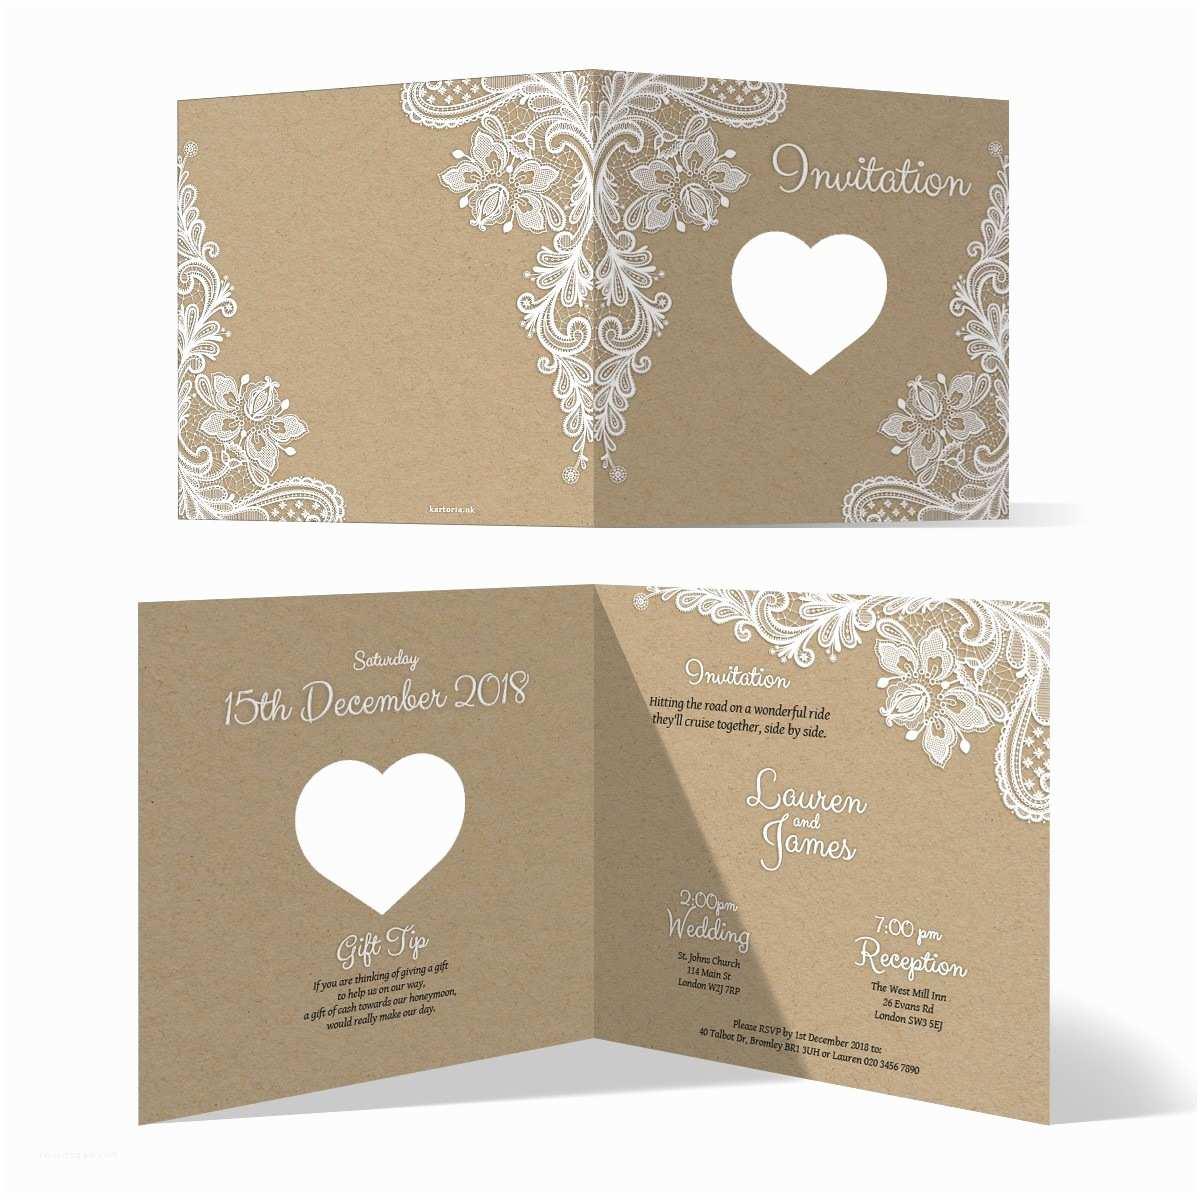 Laser Wedding Invitations Laser Cut Wedding Invitation Cards Rustic Kraft Paper Look